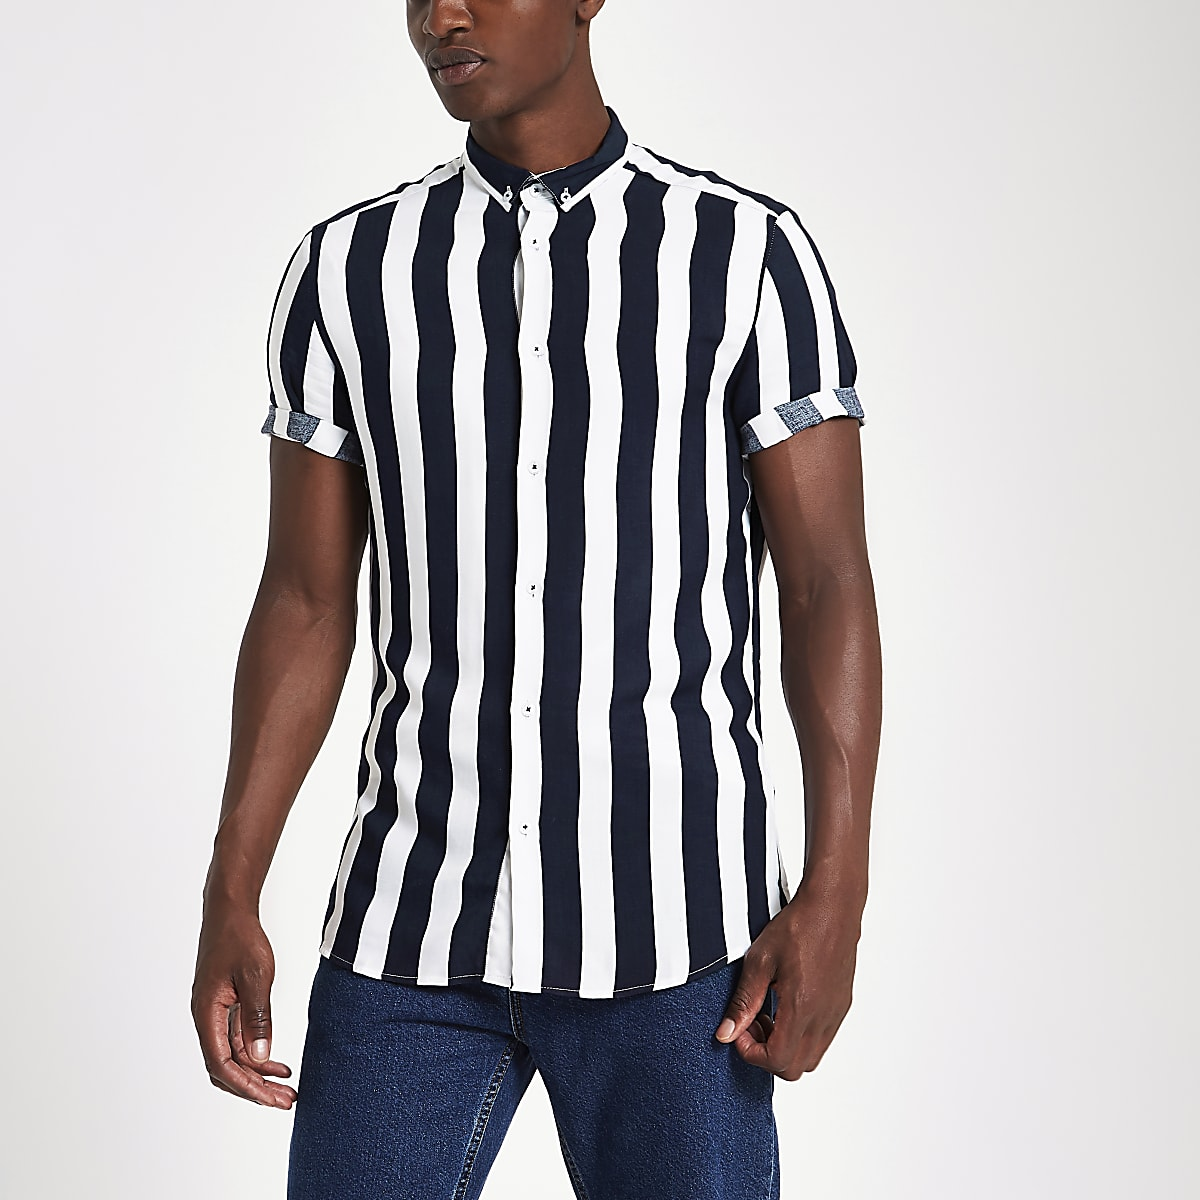 Overhemd Wit Korte Mouw.Wit Overhemd Met Korte Mouwen En Strepen Overhemden Met Korte